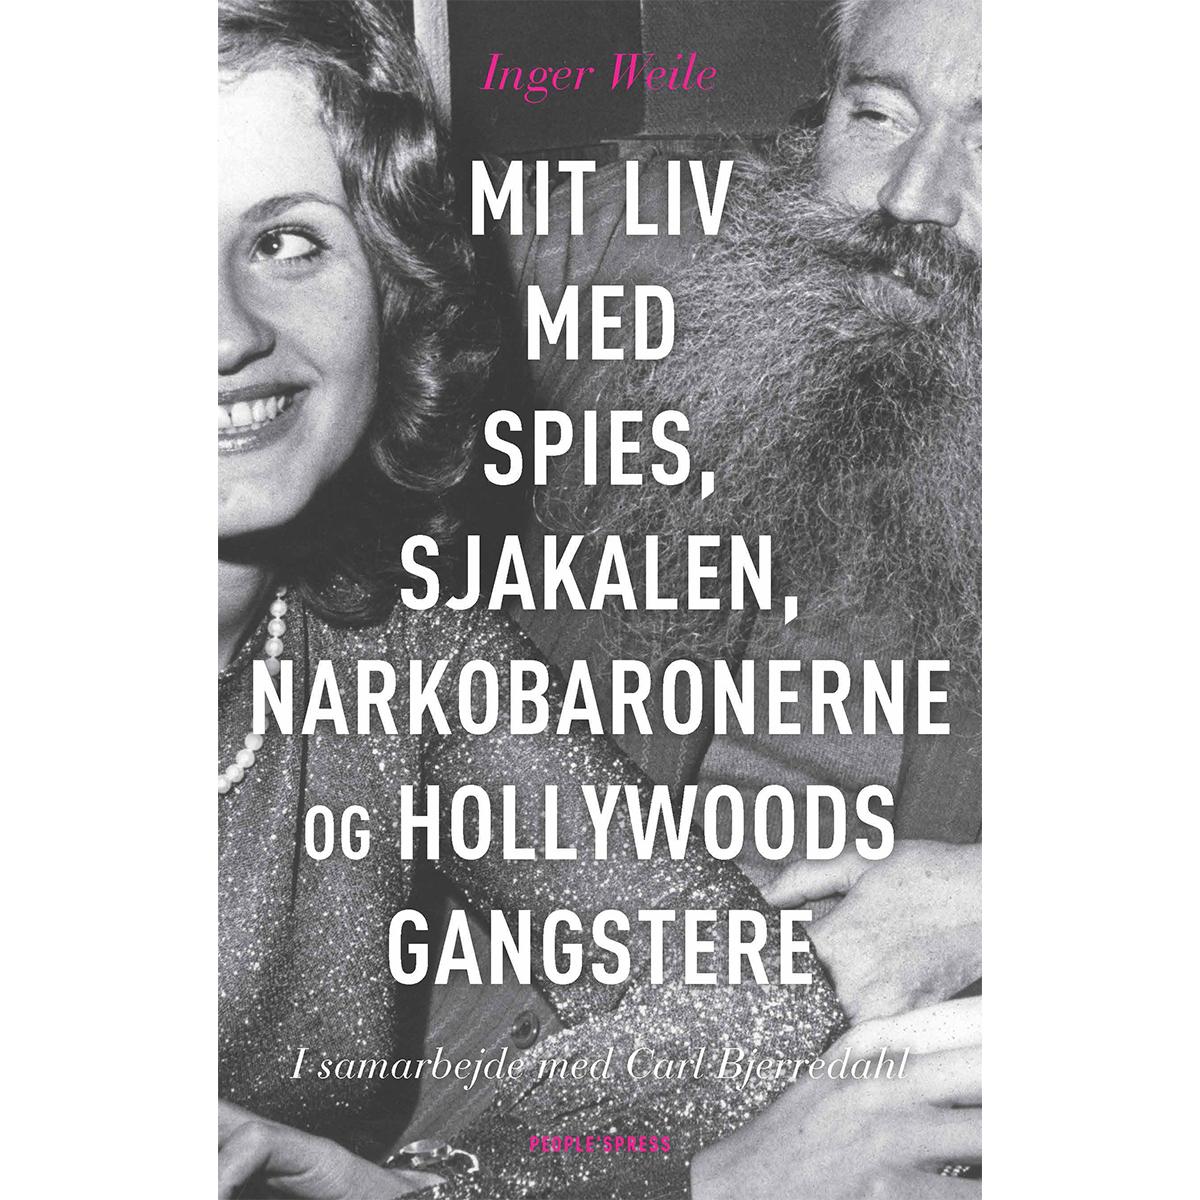 Mit liv med Spies, Sjakalen, narkobaronerne og Hollywoods... - Hæftet